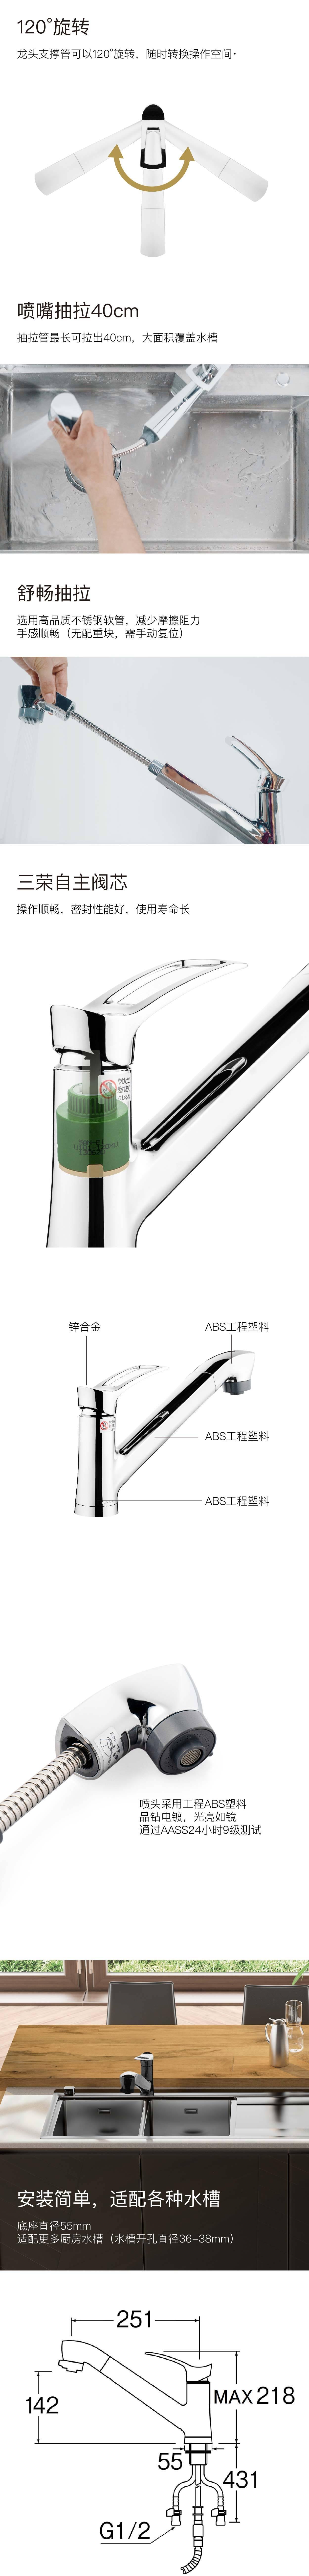 三荣厨房龙头-05